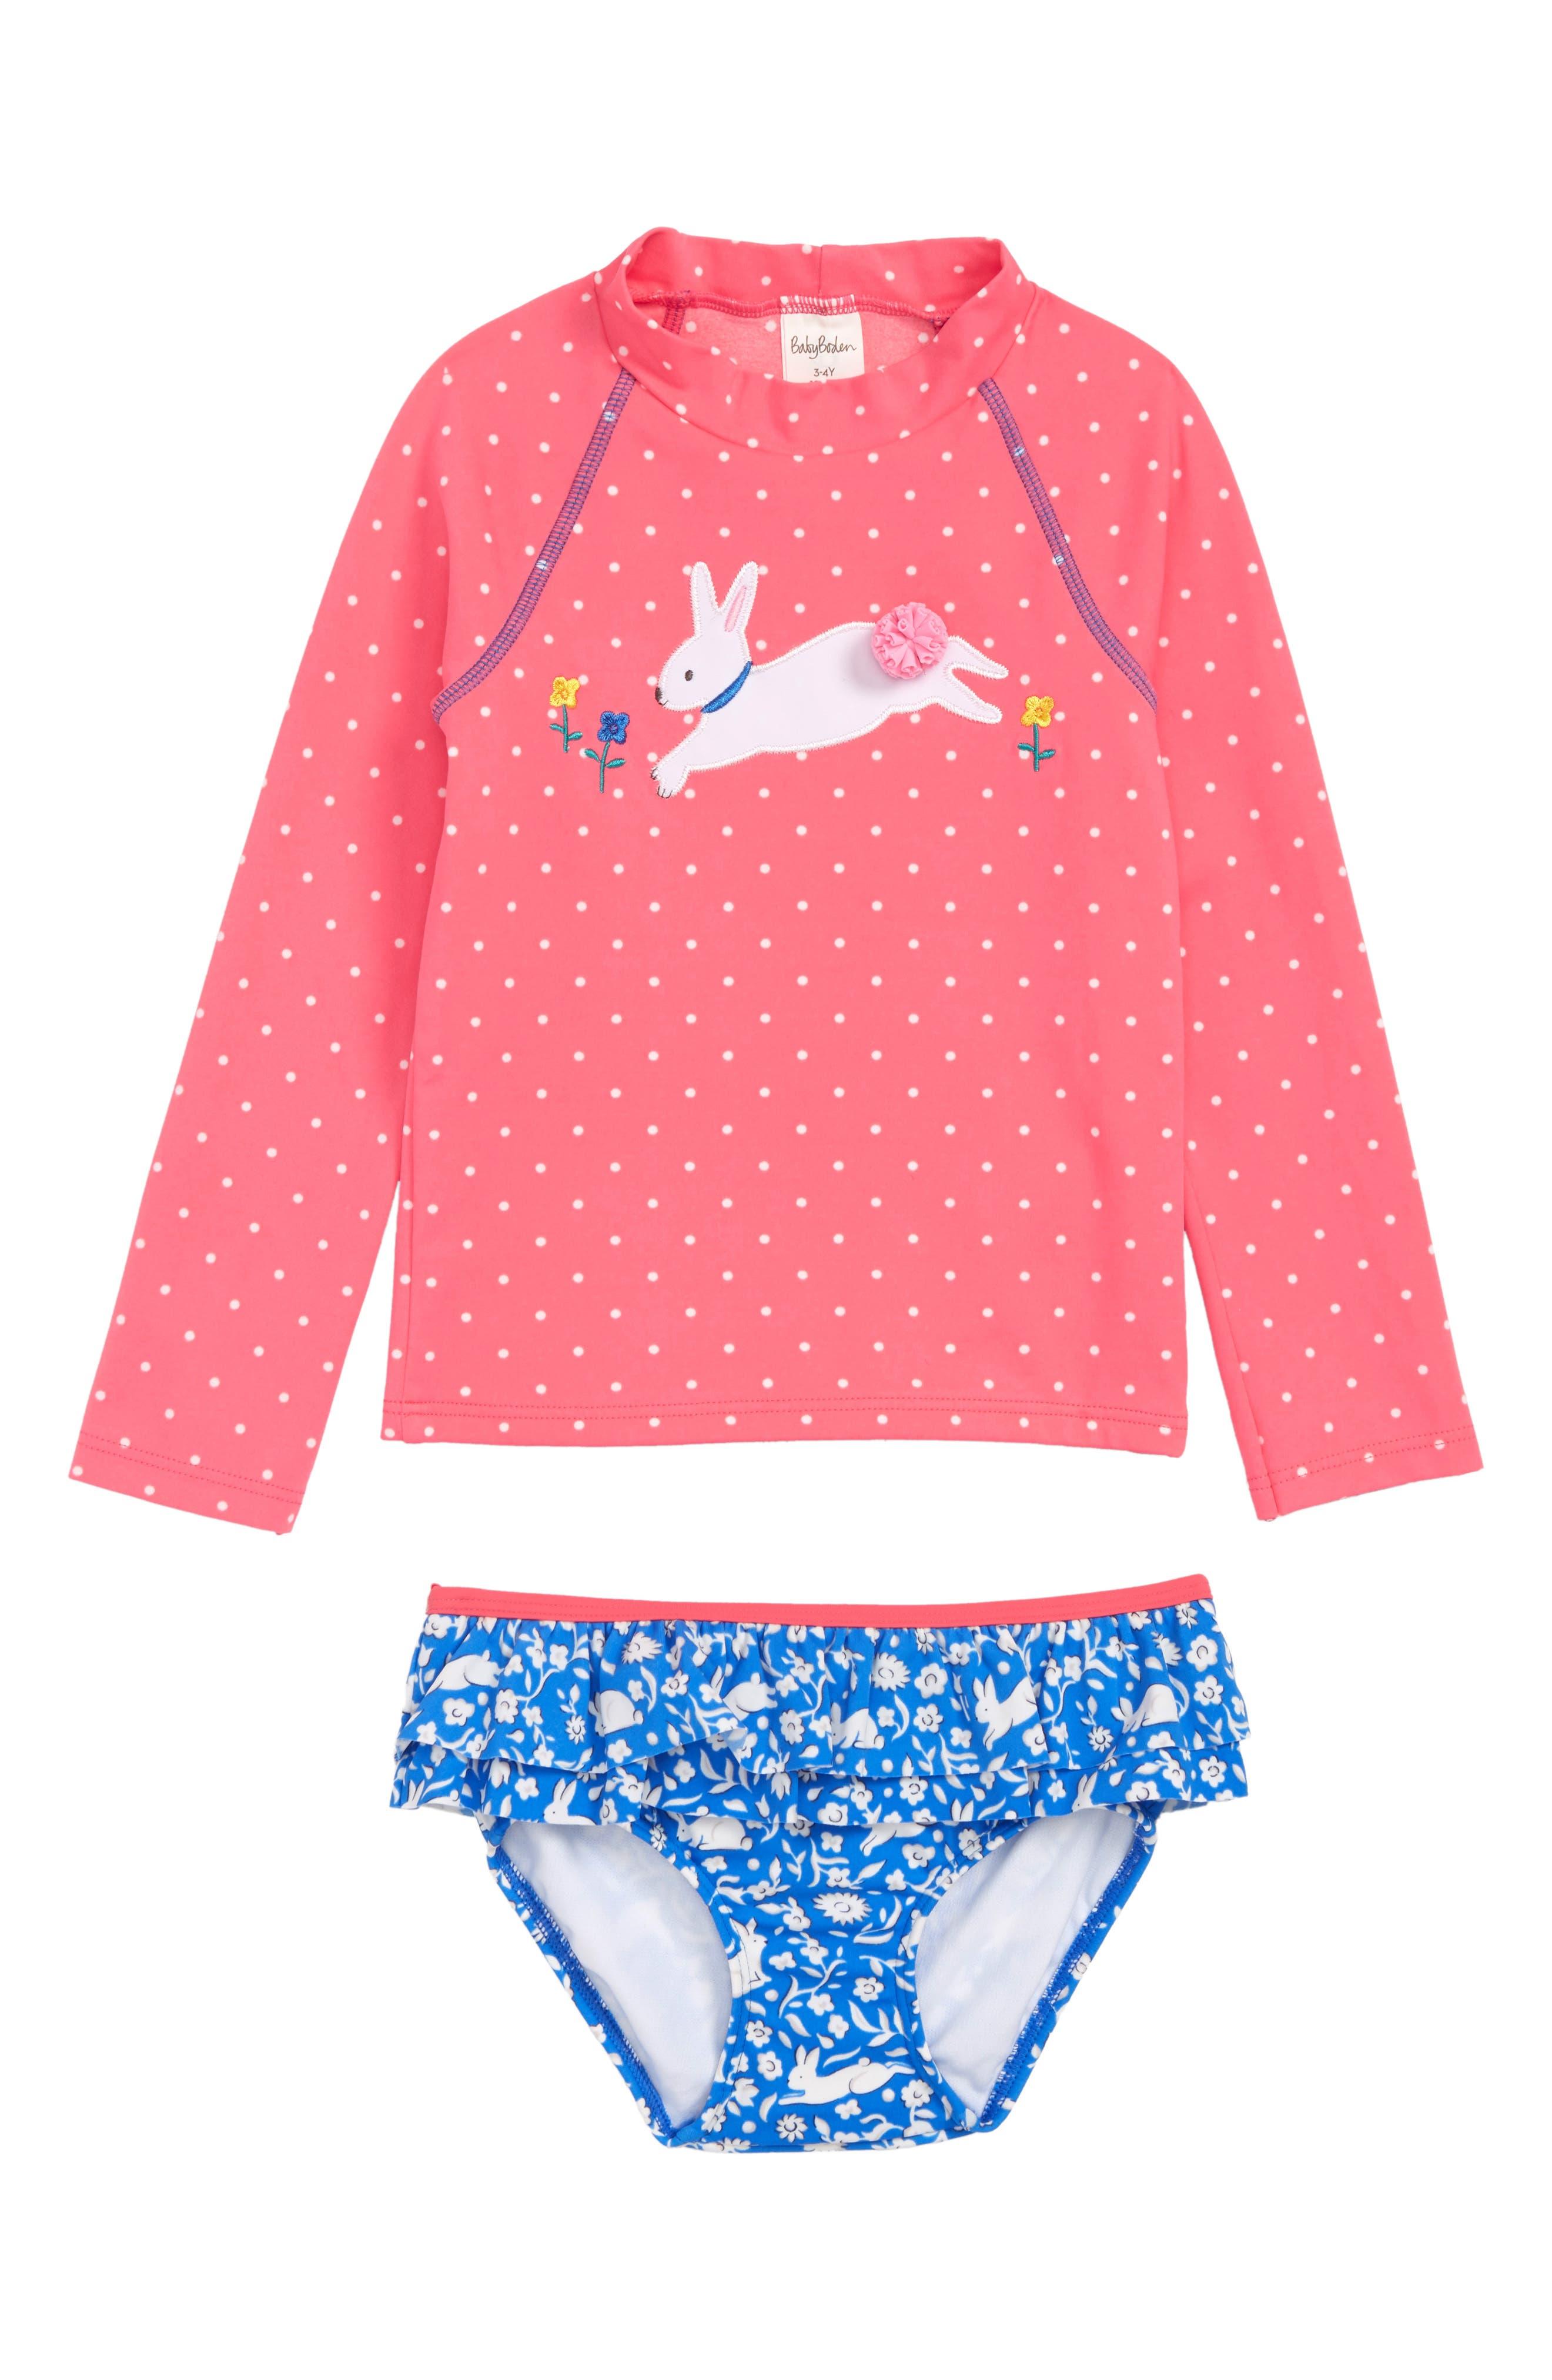 3b75892556c8 Mini Boden Girls  Clothing